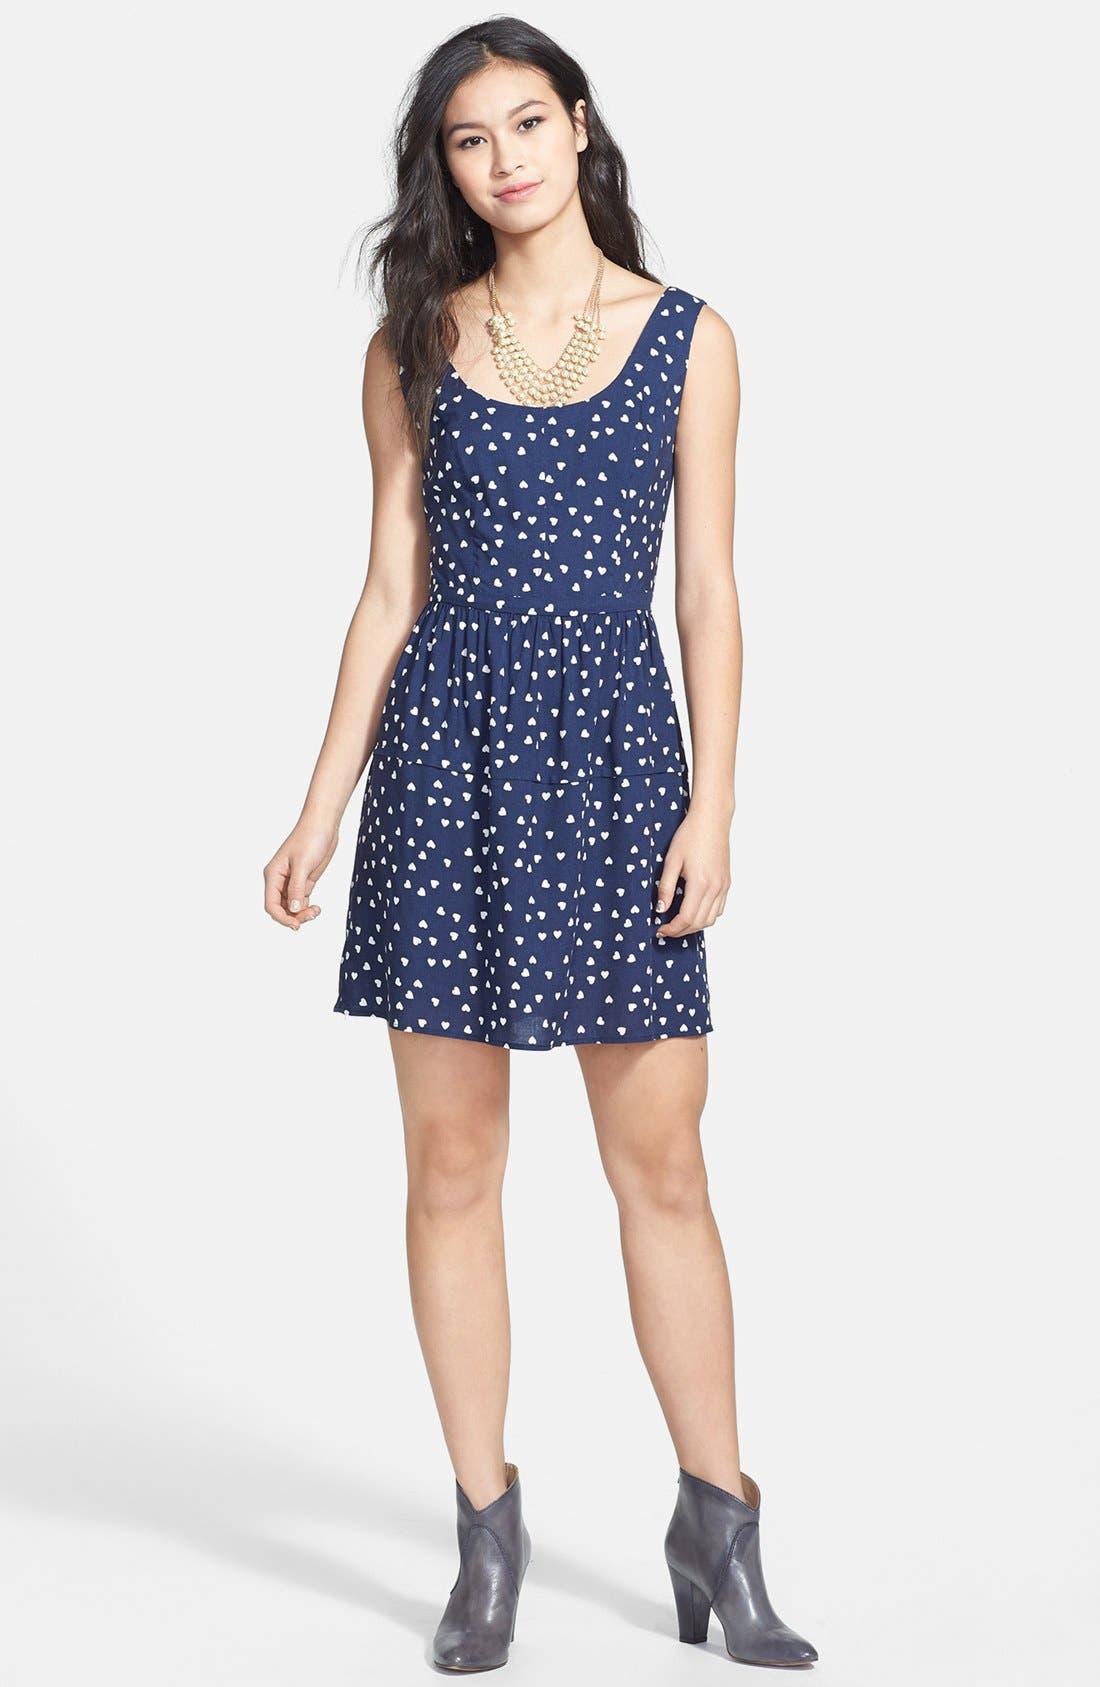 Alternate Image 1 Selected - BeBop Heart Print Fit & Flare Dress (Juniors)